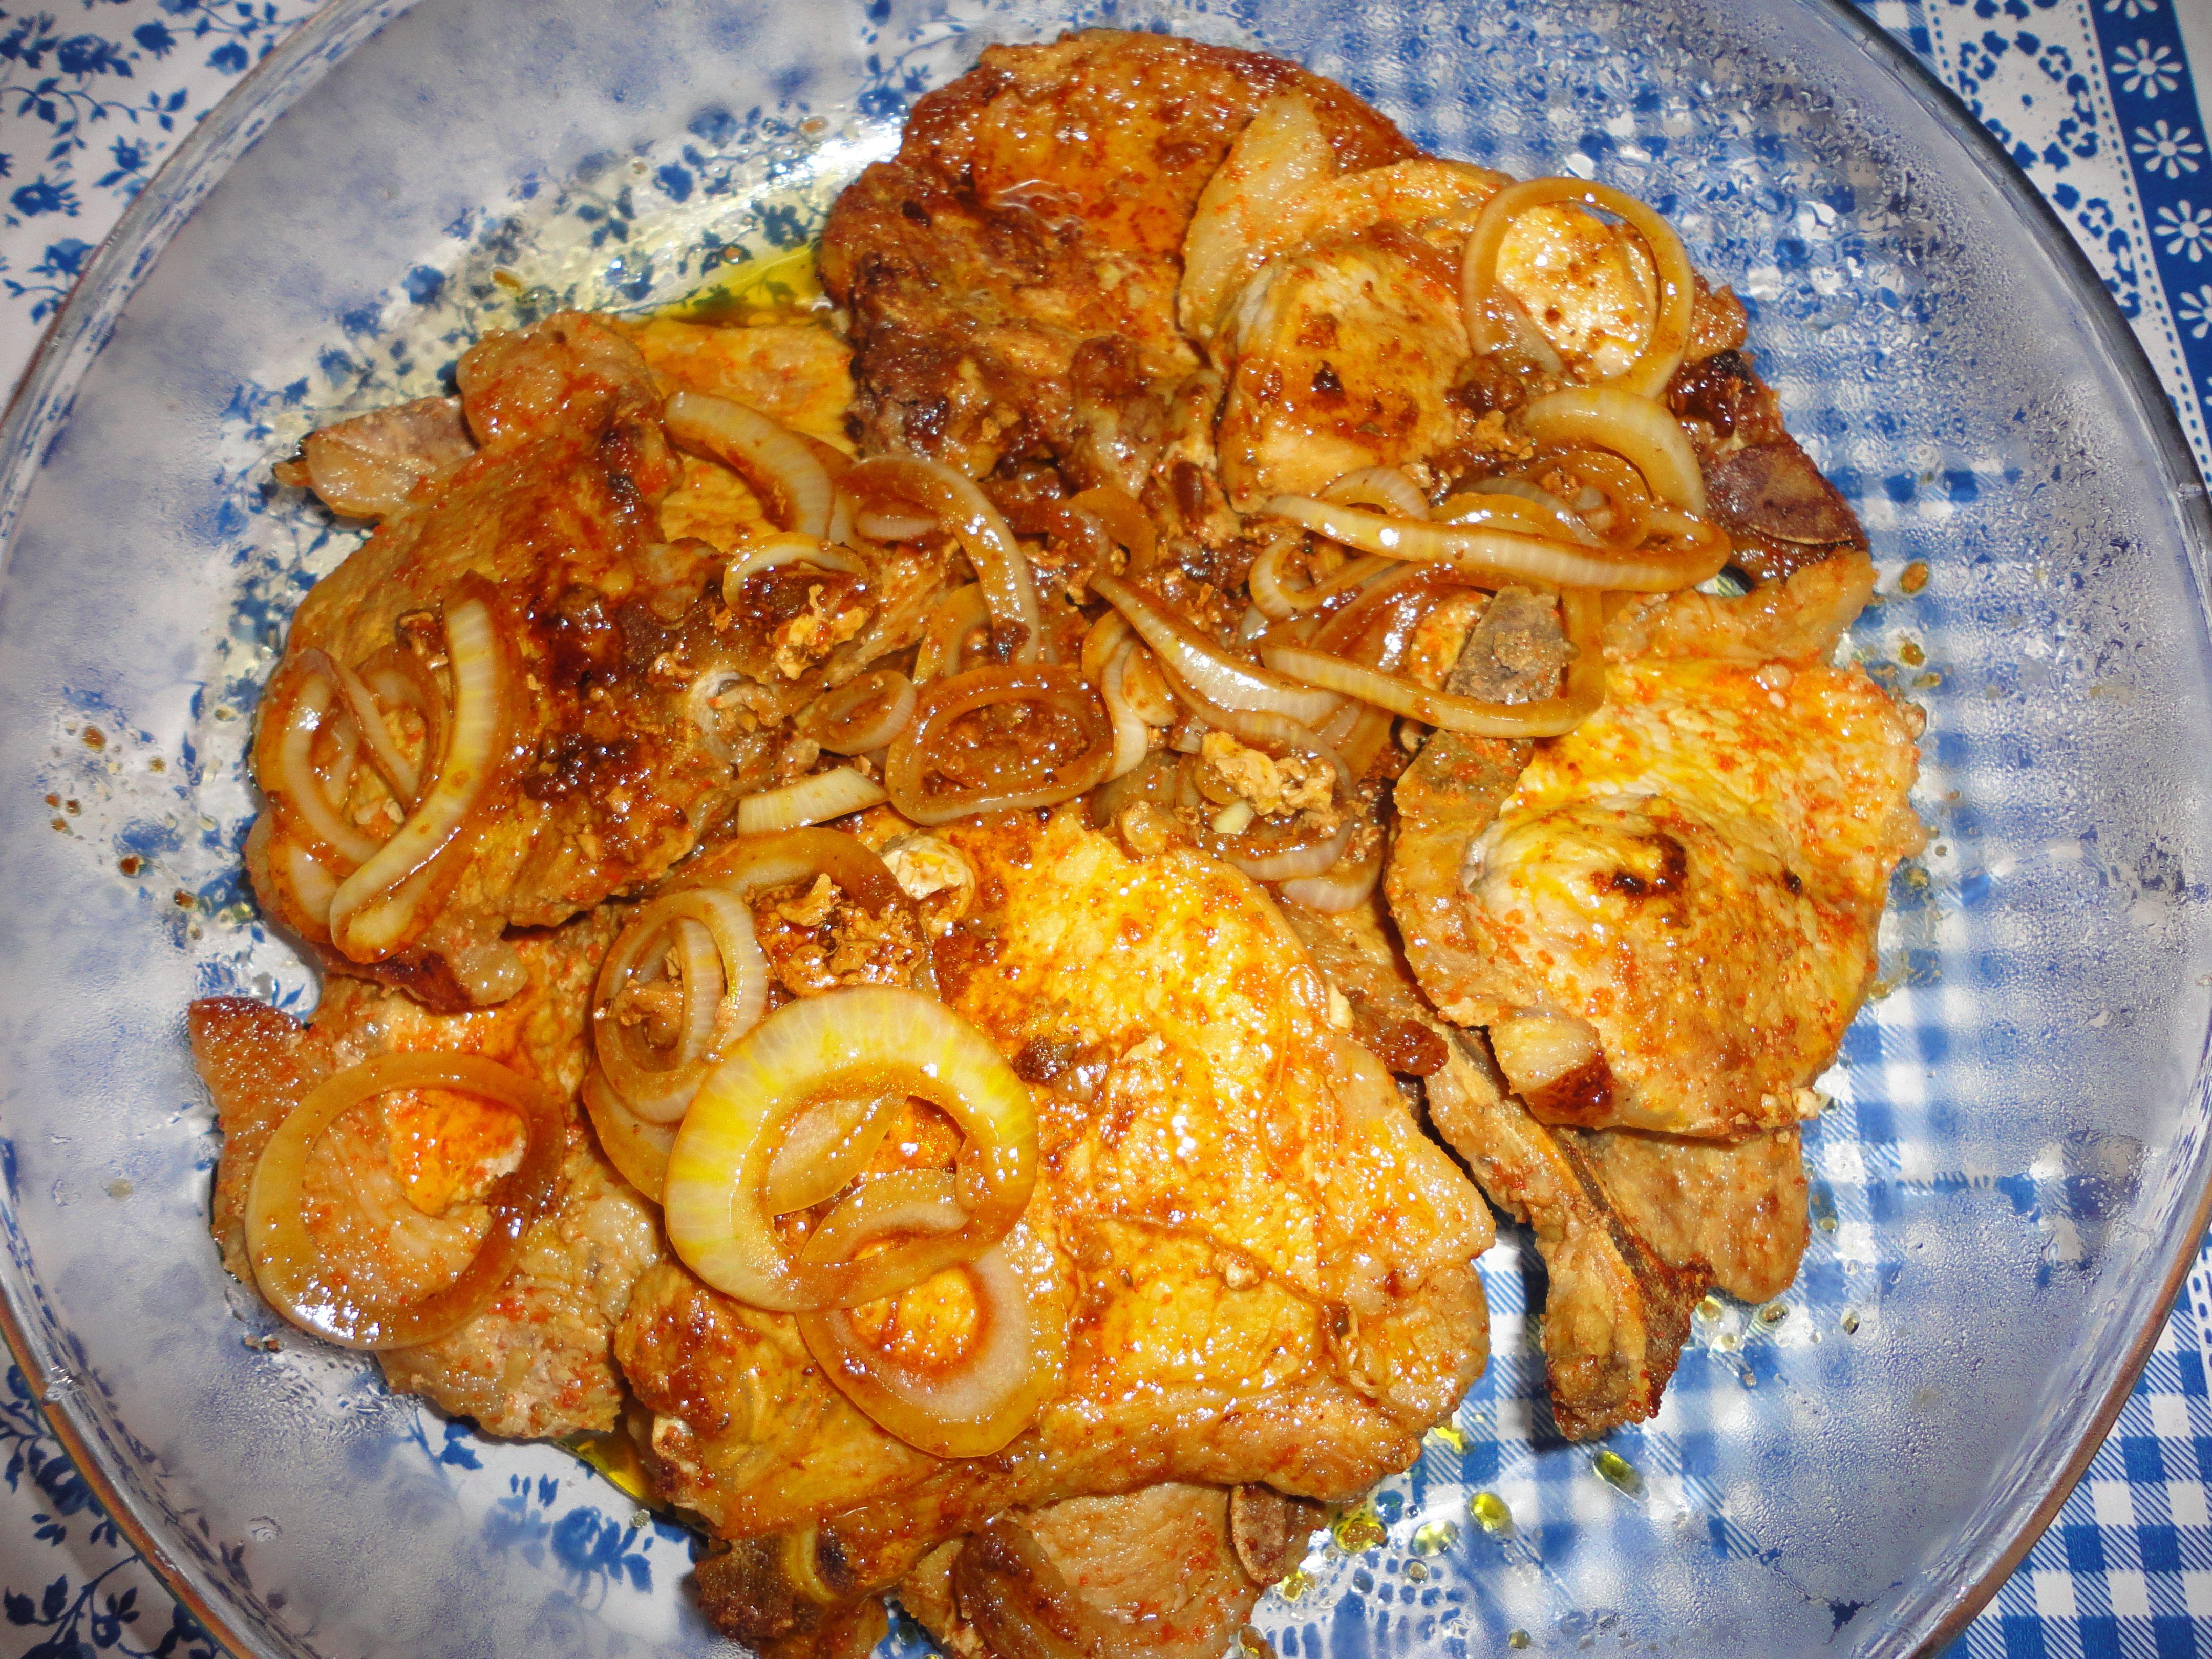 Costela de porco com mostarda,shoyu e cebolas